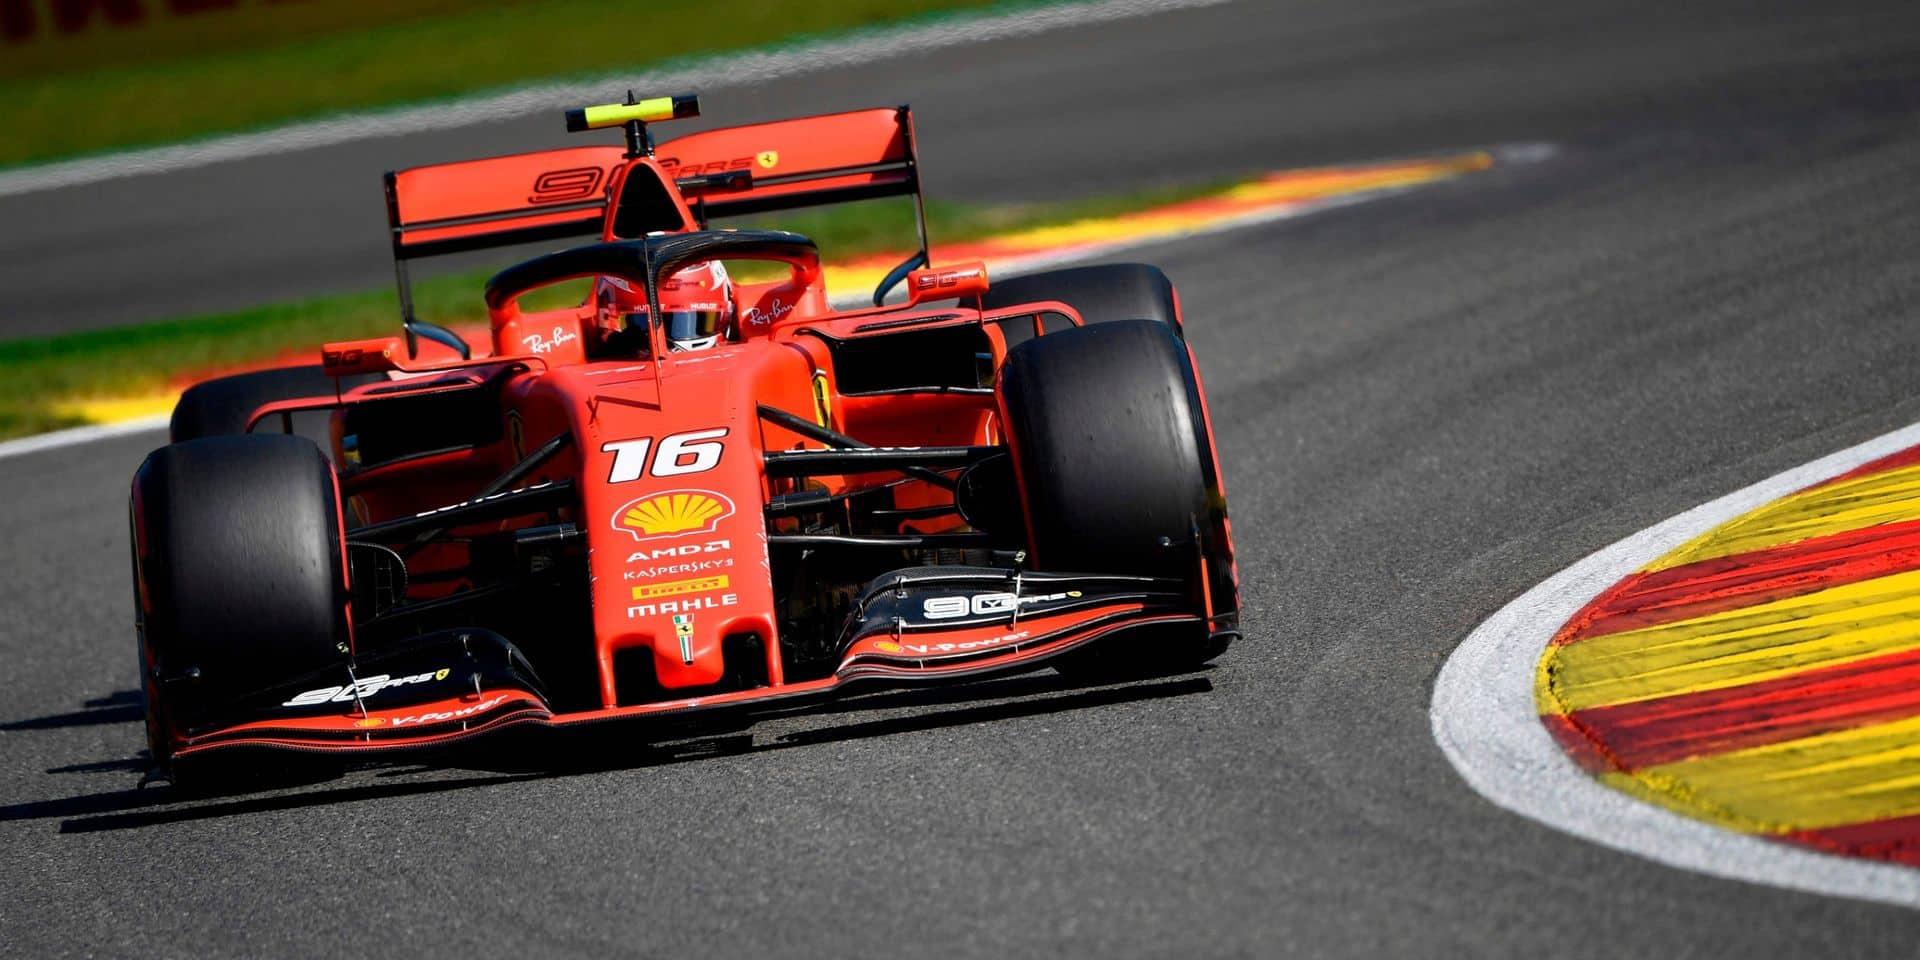 Première ligne 100% Ferrari au GP F1 de Belgique: Leclerc devant Vette